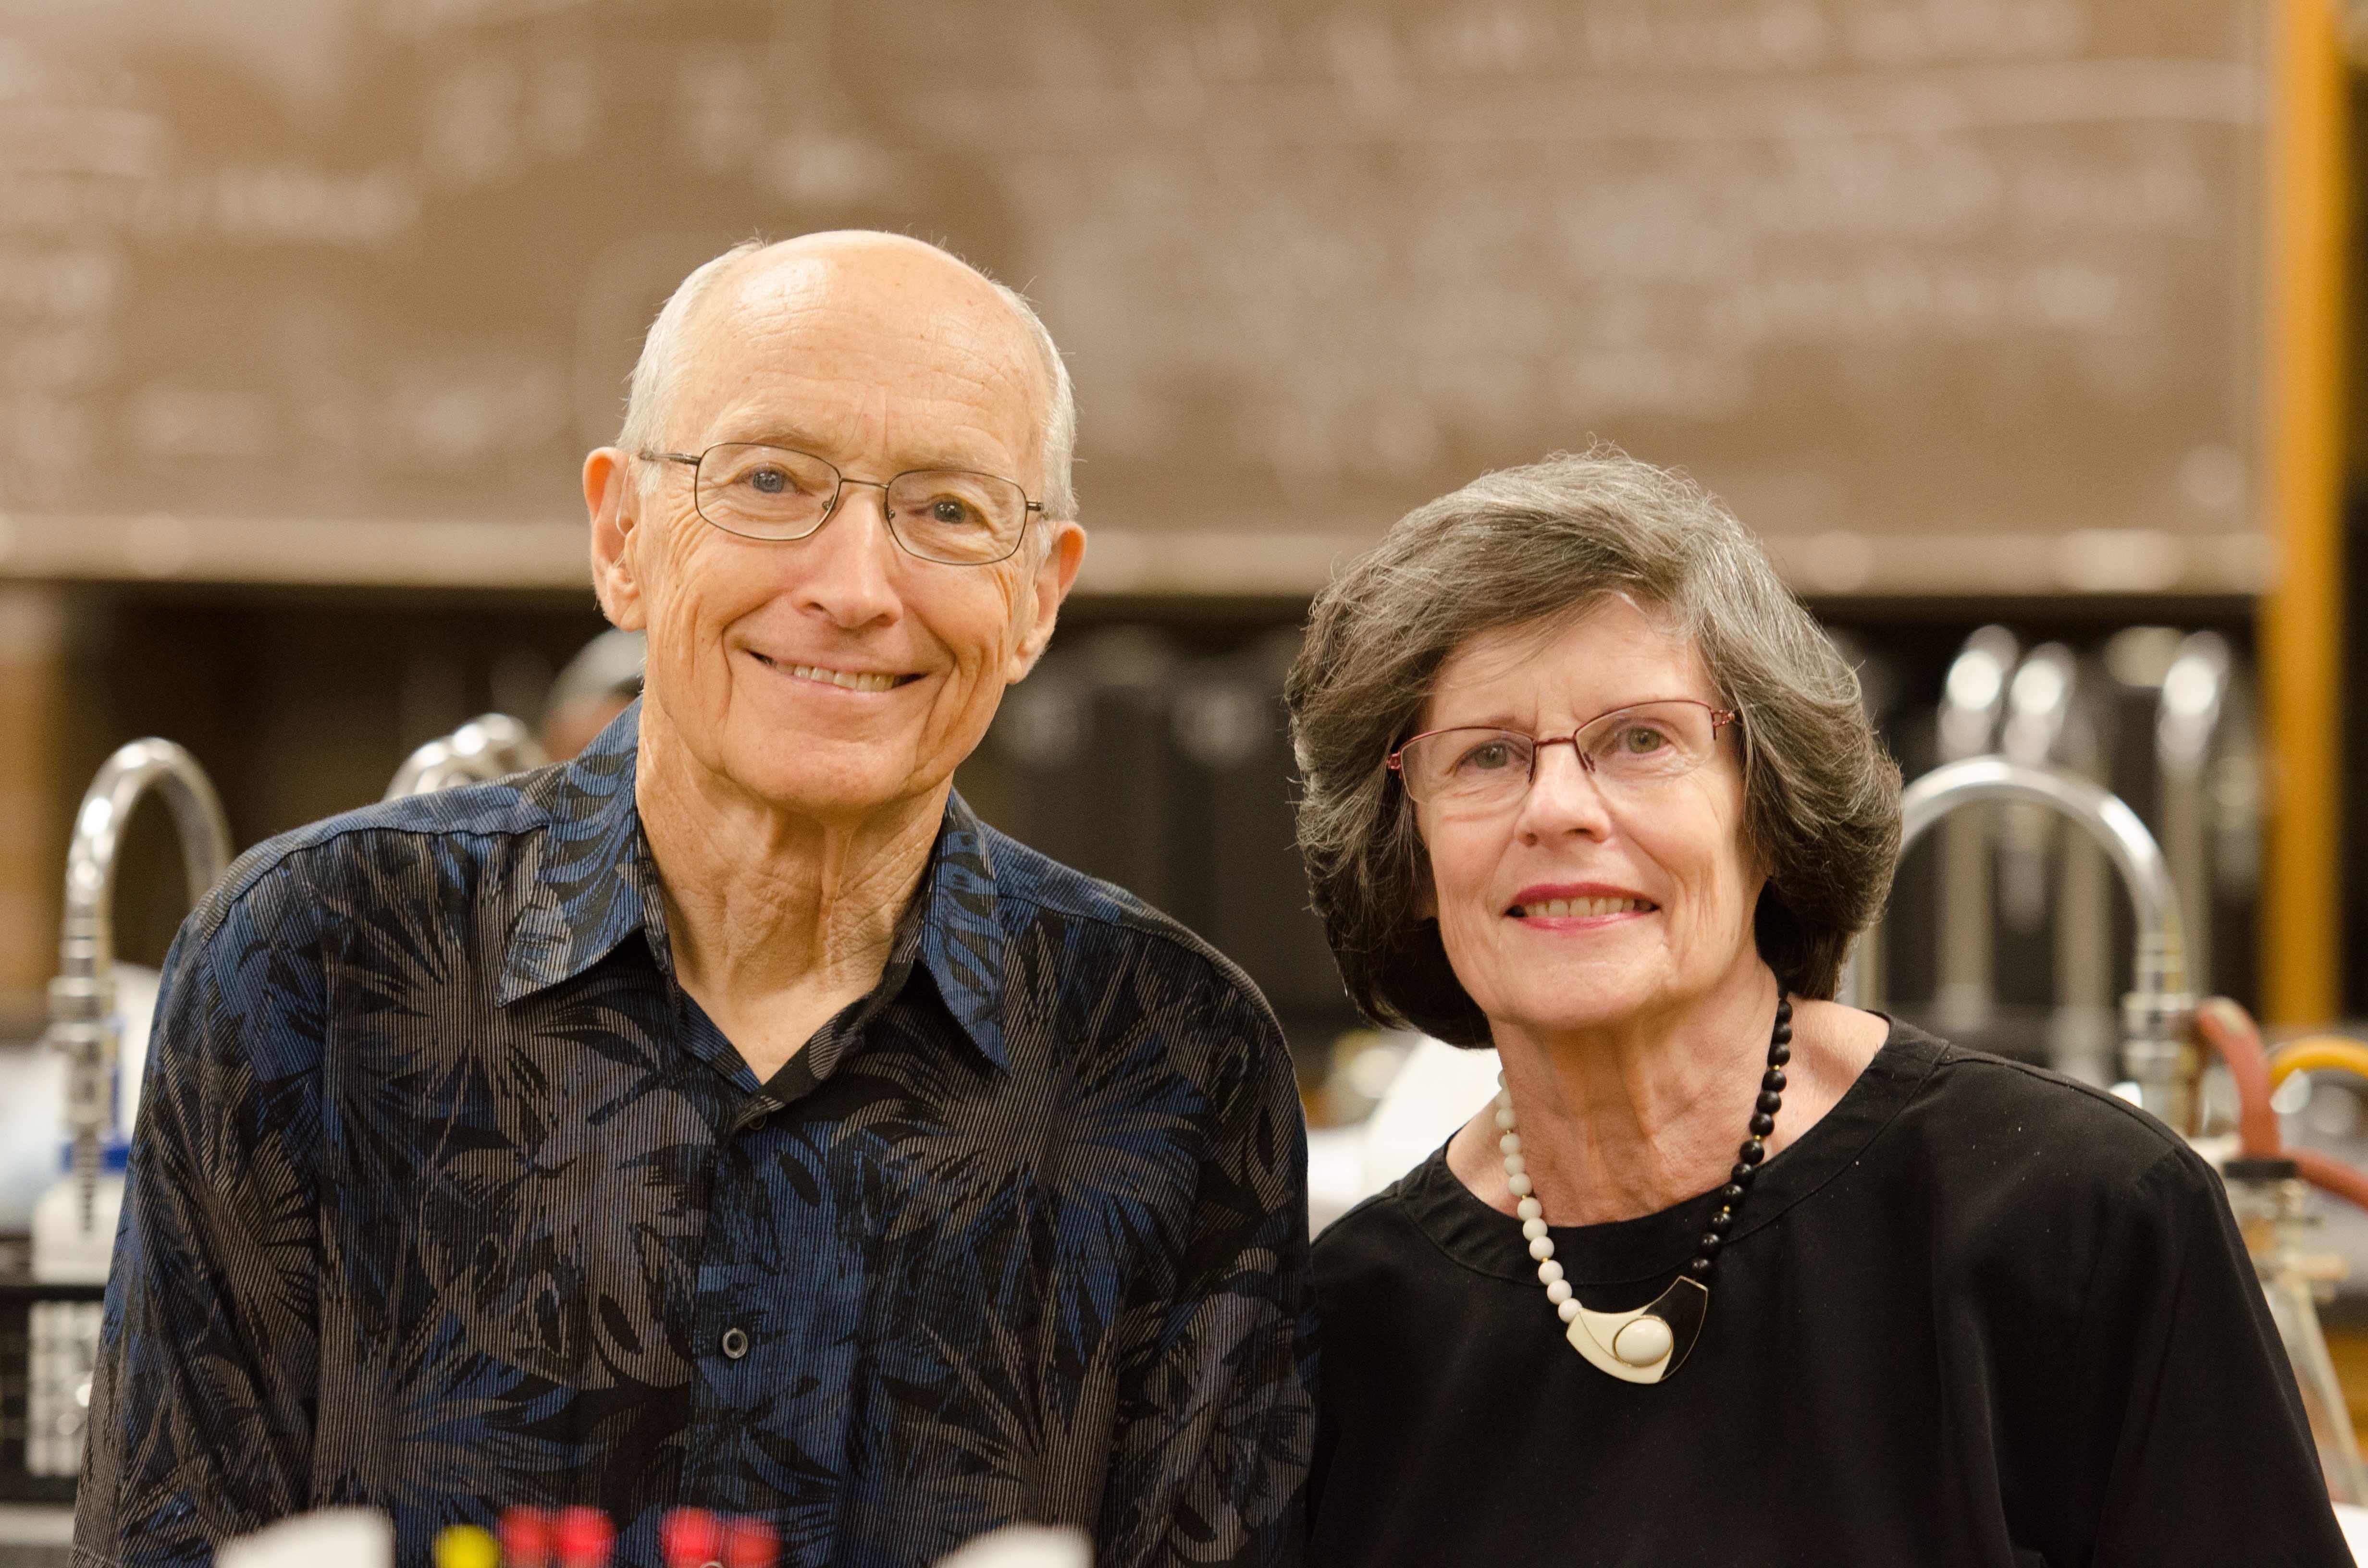 Bethel Remembers Dale Stephens